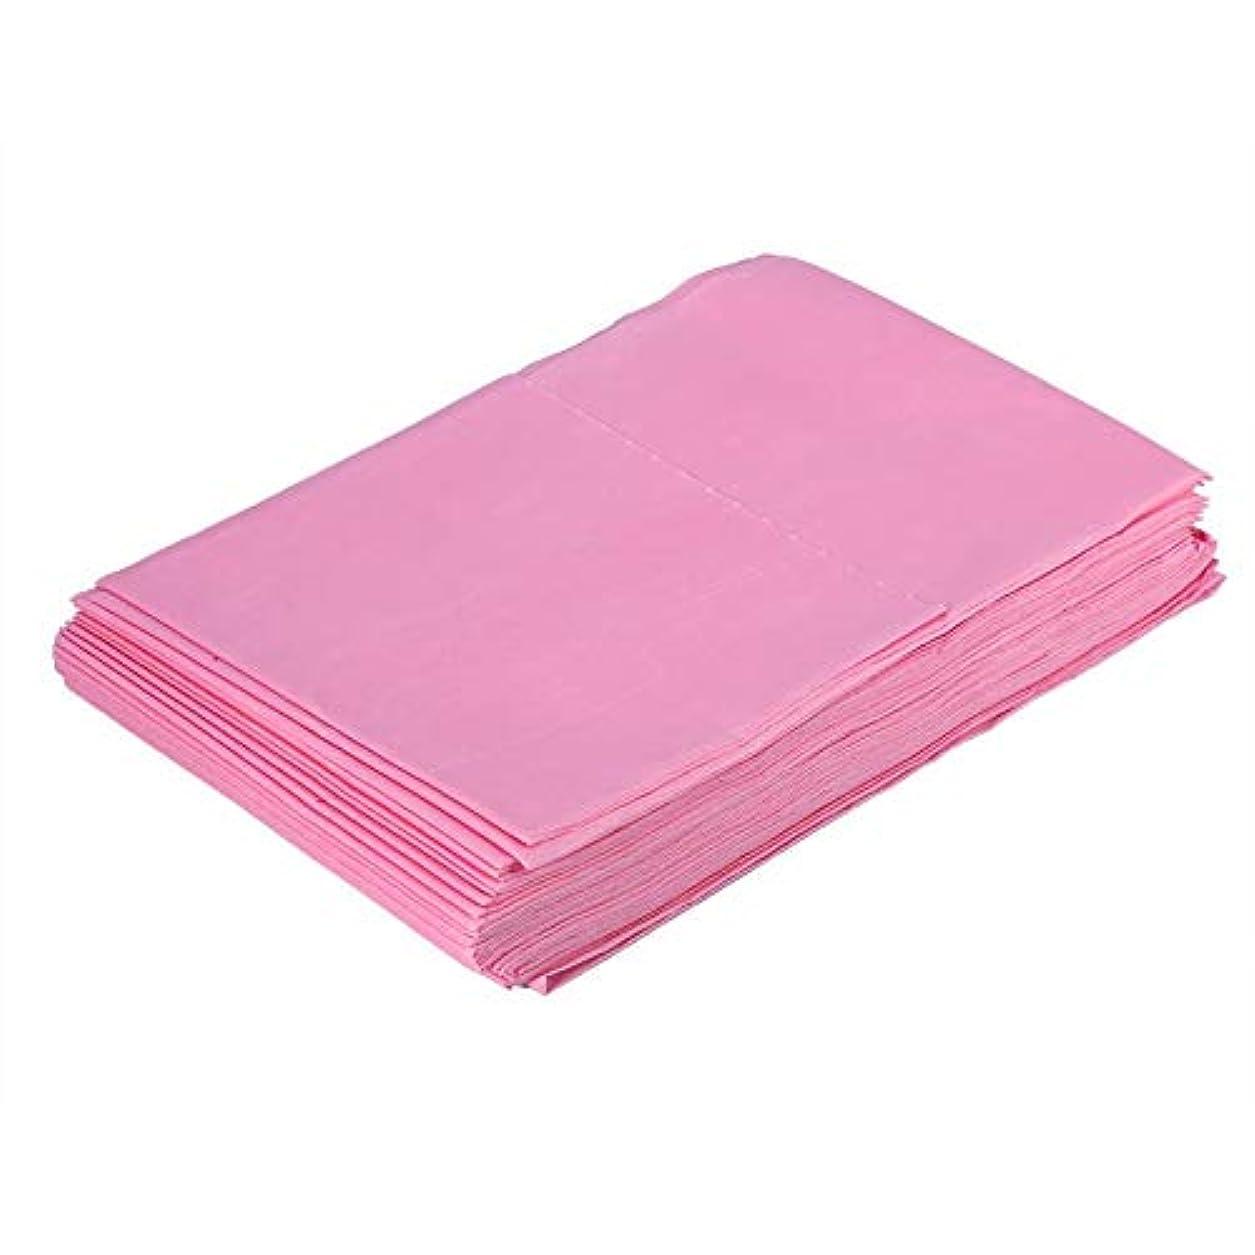 集団反響するようこそ使い捨て防水シーツマッサージ美容カバー(ピンク)